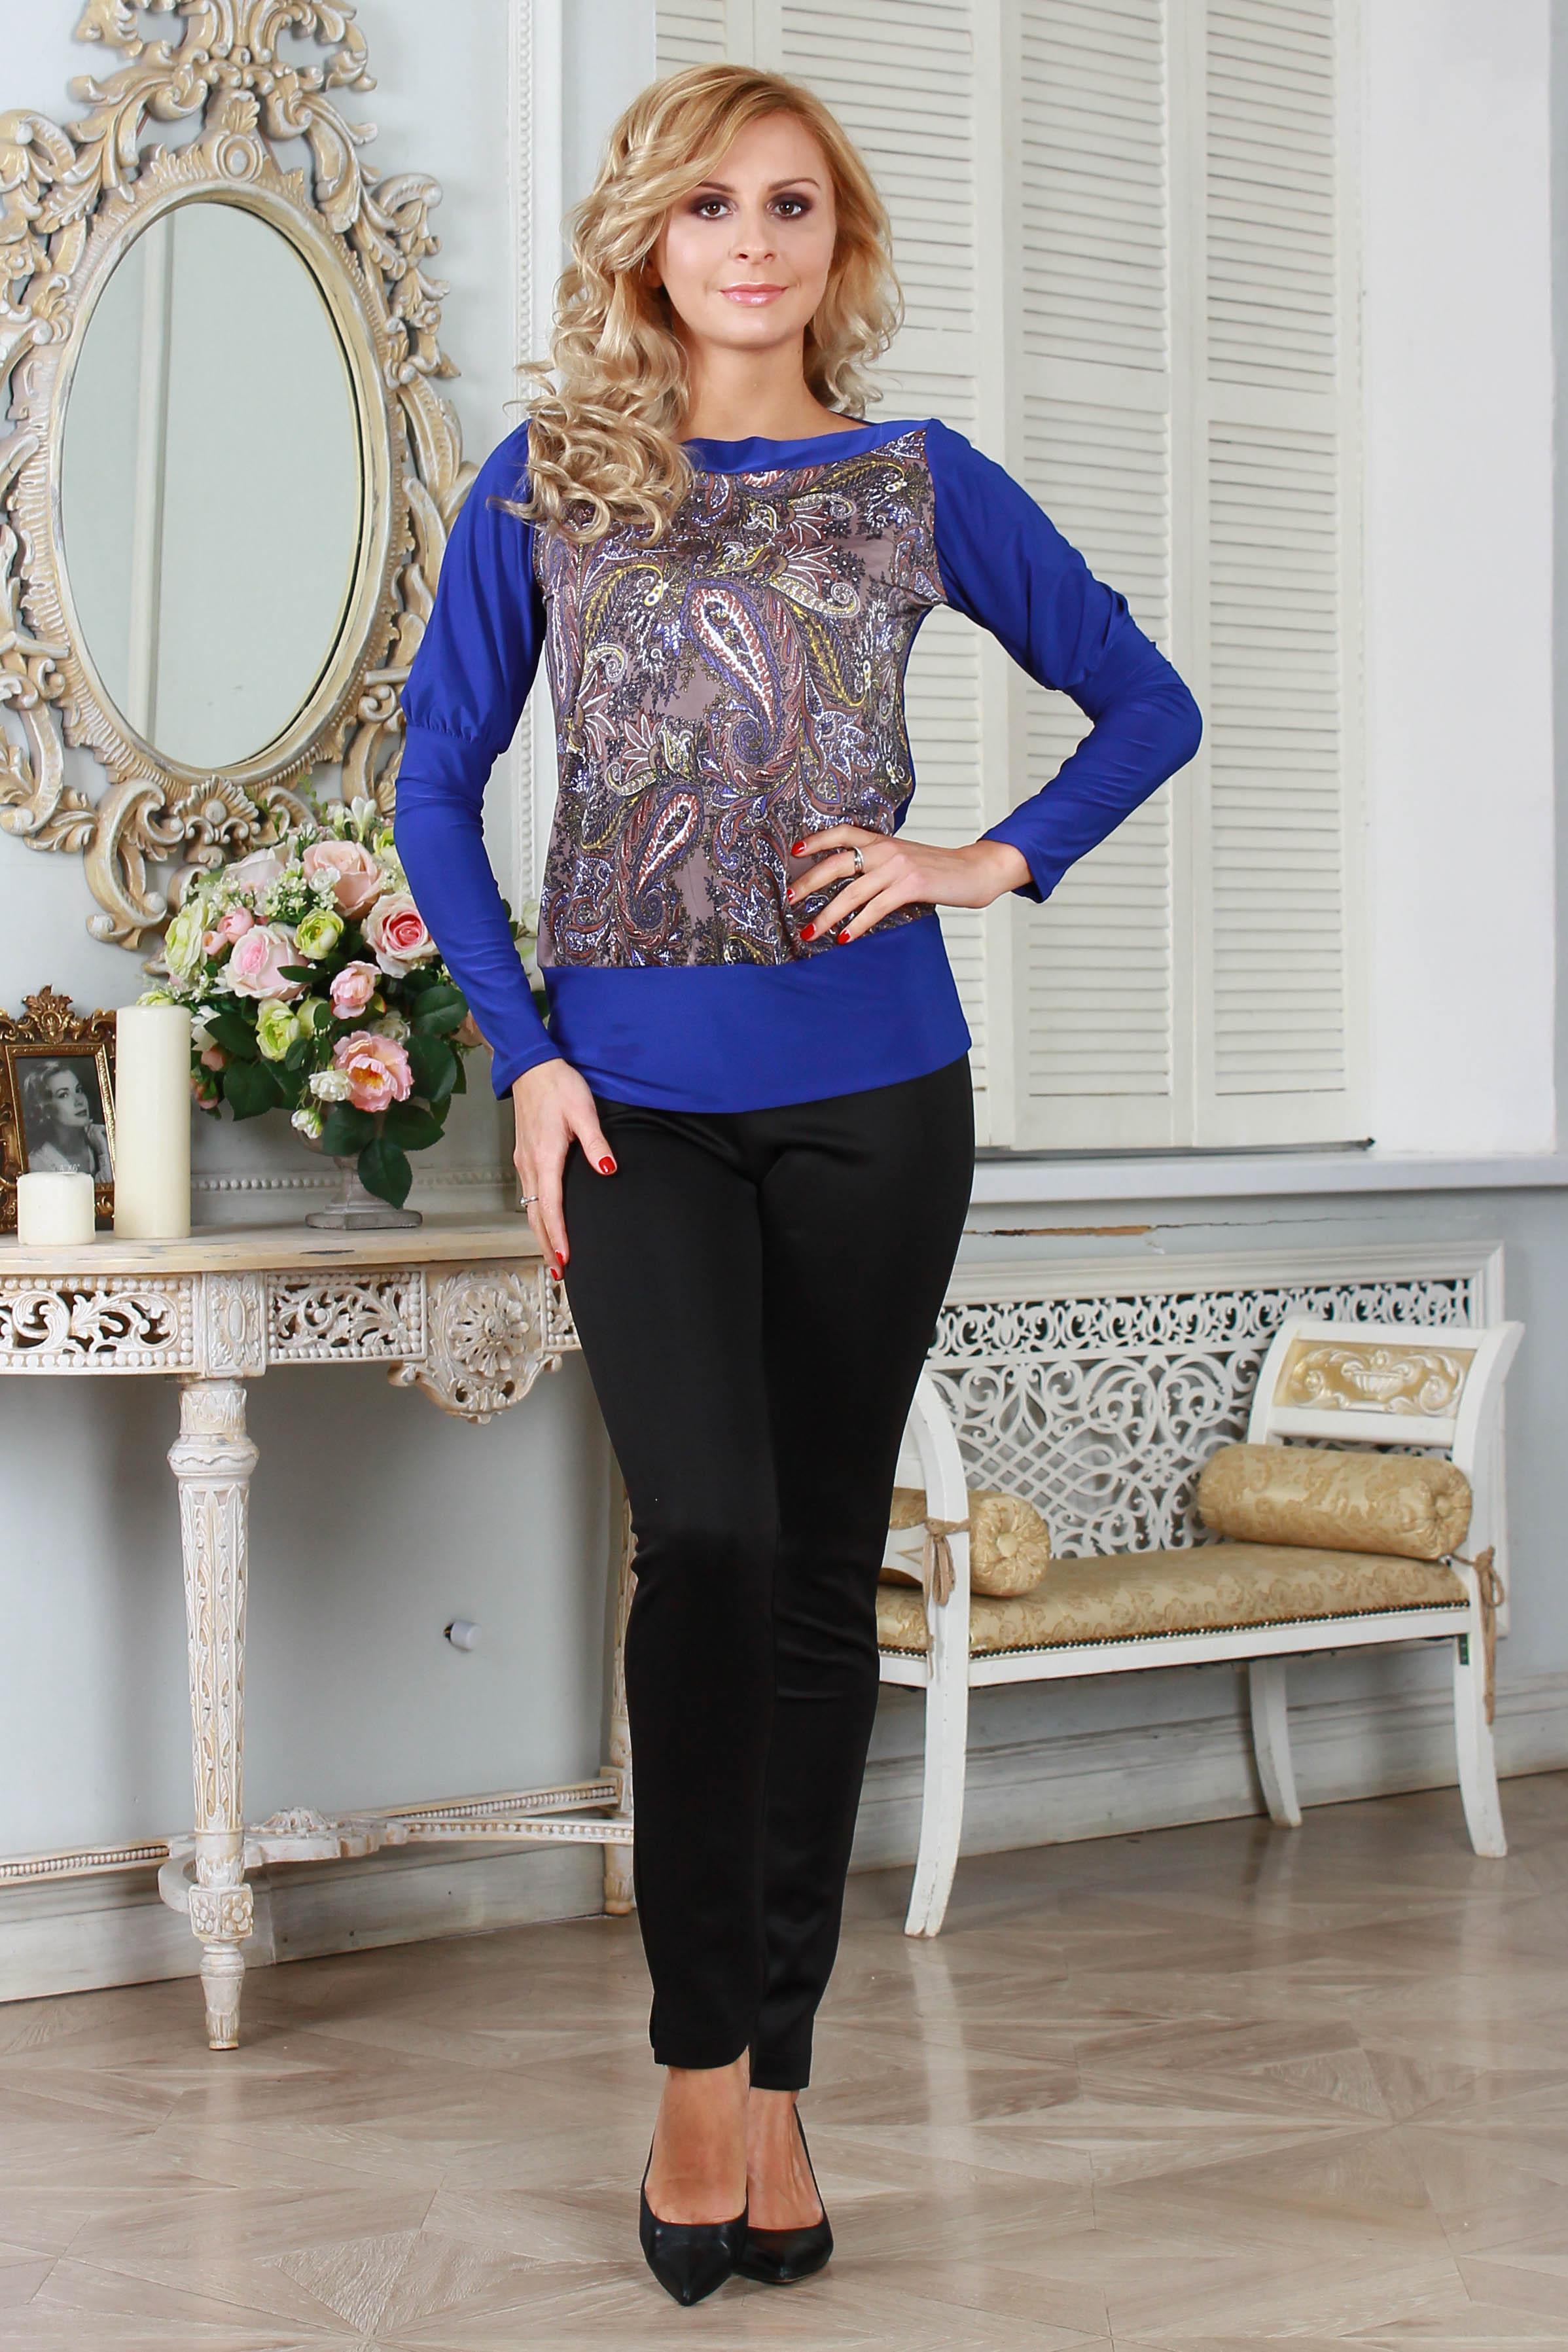 БлузкаБлузки<br>Комбинированная блуза прямого силуэта на широком поясе, горловина - лодочка, оформленная обтачками. Рукав втачной, на высоком манжете. Швы притачивания манжета и пояса собраны на резинку. Спинка и рукава выполнены из однотонного легкого трикотажного полотна, полочка - из набивного.   Длина изделия от 59 см до 65 см, в зависимости от размера.  Цвет: синий, сиреневый  Ростовка изделия 170 см.<br><br>По материалу: Вискоза,Трикотаж<br>По образу: Город,Свидание<br>По рисунку: Цветные,С принтом,Этнические<br>По сезону: Весна,Всесезон,Зима,Лето,Осень<br>По силуэту: Полуприталенные<br>По стилю: Повседневный стиль<br>Рукав: Длинный рукав<br>Горловина: Лодочка<br>Размер : 42<br>Материал: Холодное масло<br>Количество в наличии: 1